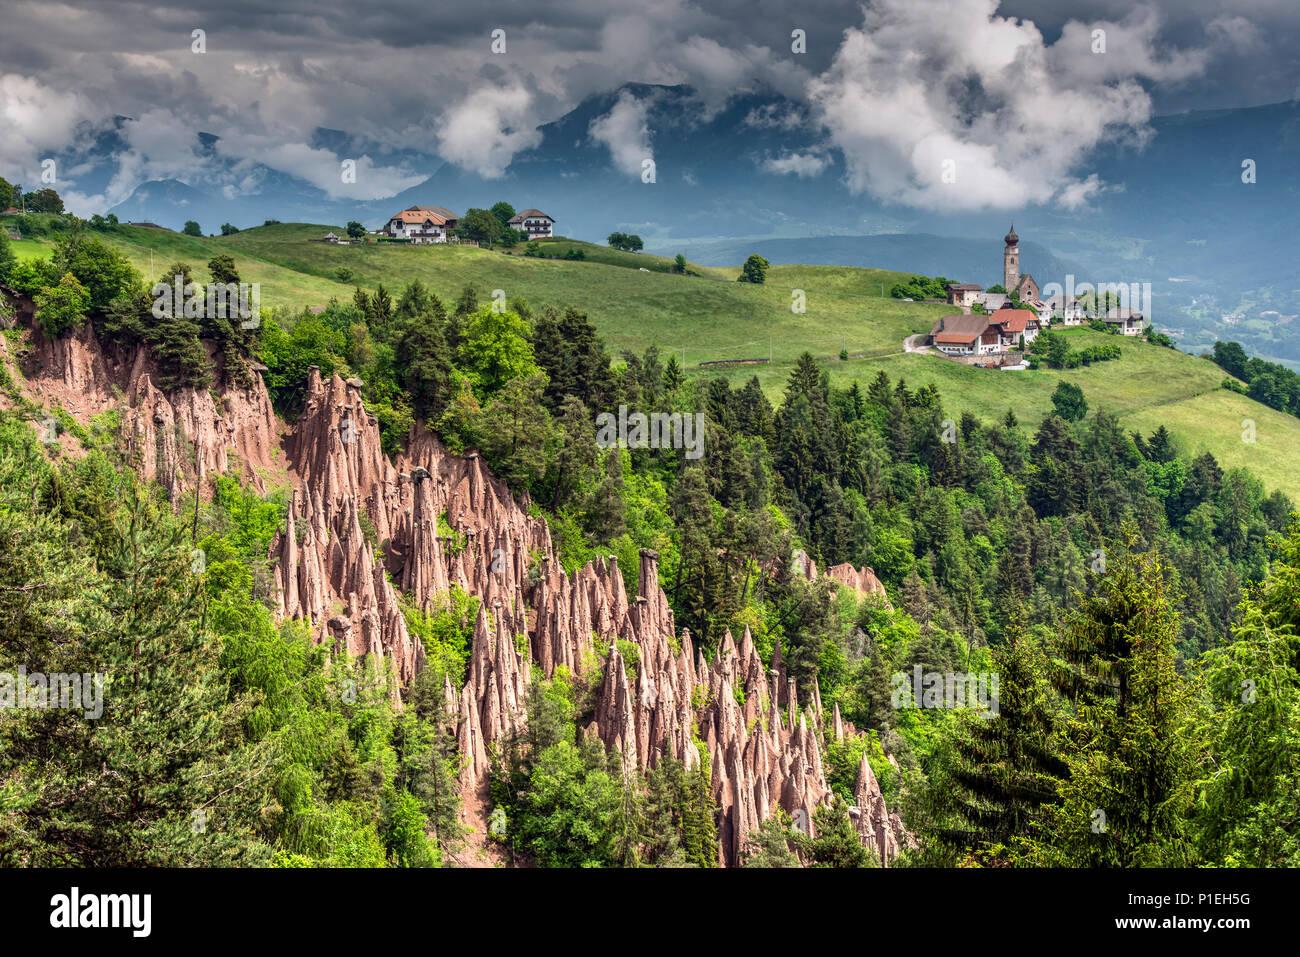 Piramidi di terra, Renon - Renon, Trentino Alto Adige - Alto Adige, Italia Immagini Stock